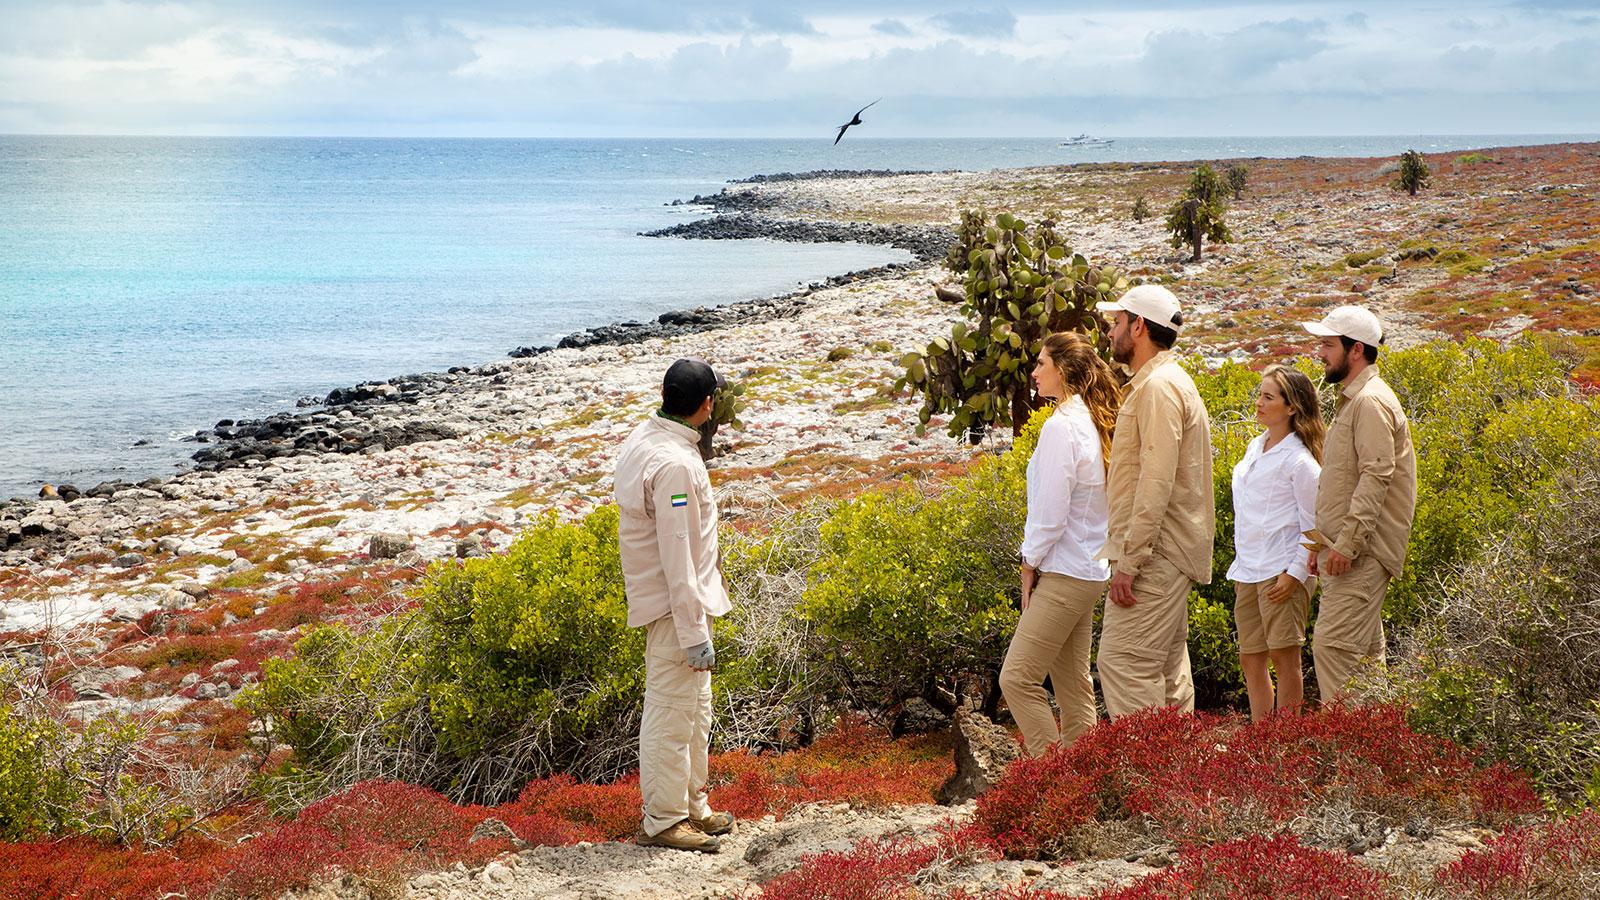 Excursiones privadas en la Isla Plaza Sur, un lugar donde hay innumerables aves marinas